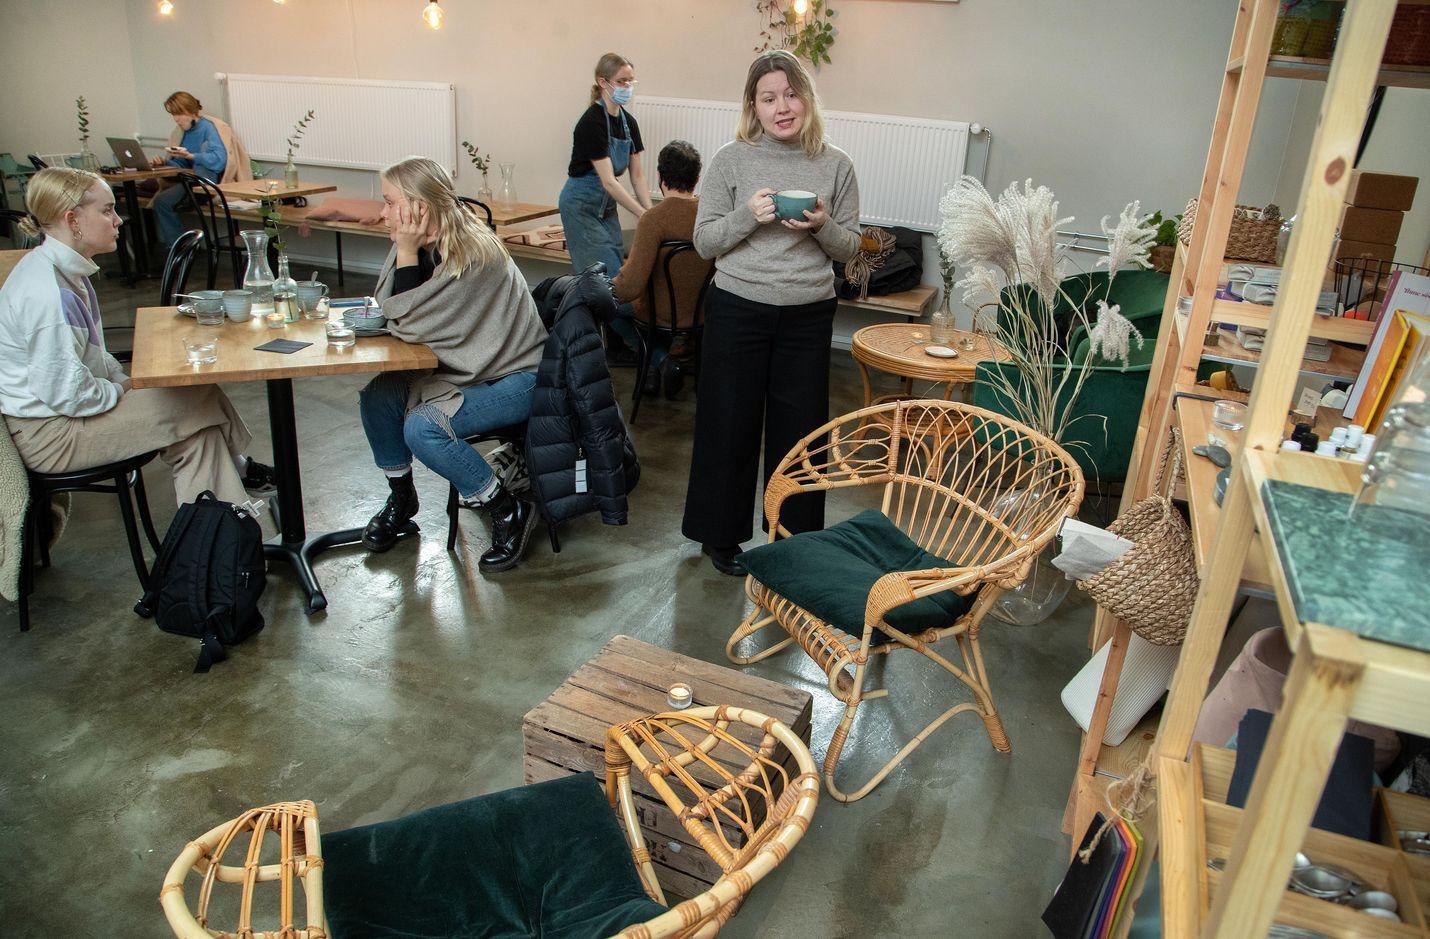 Arkkitehti ja sisustussuunnittelija Saara Koljonen on vastannut Roots Helsingin sisustuksesta. Hän antaa erityistä painoarvoa kahviloiden valaistukselle ja äänimaailmalle, jotta ne sopisivat erilaisiin käyttötarkoituksiin.